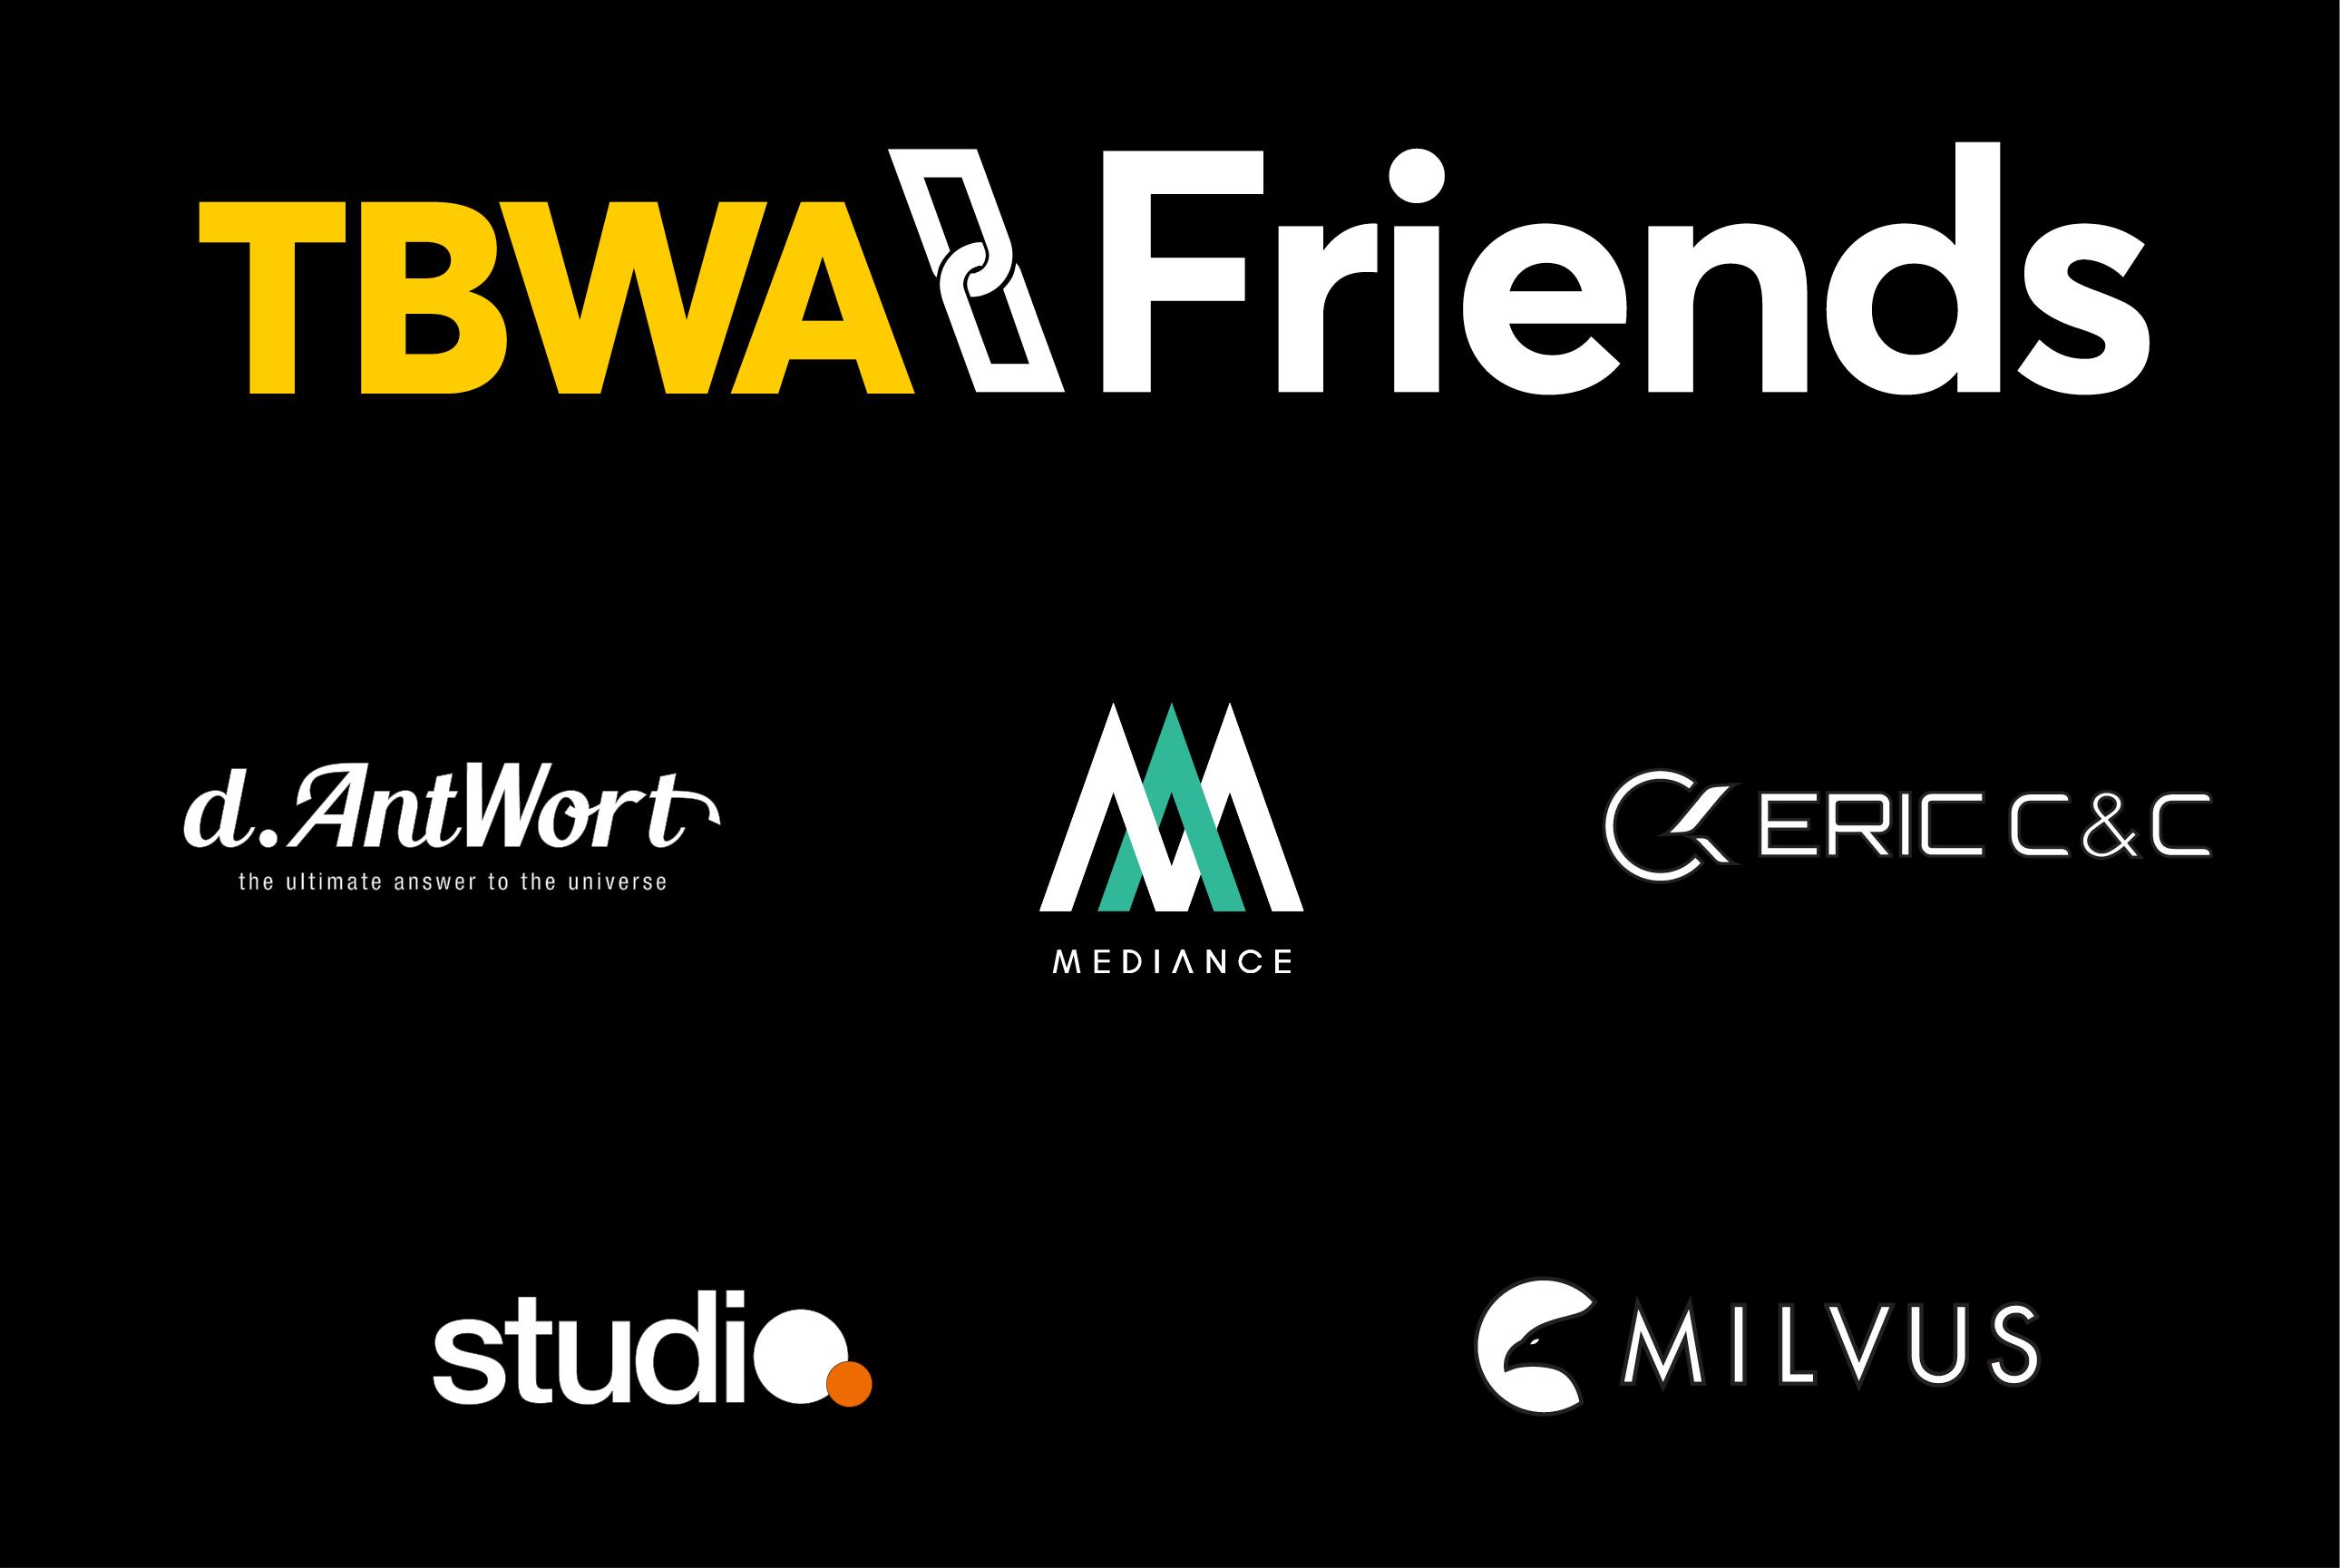 TBWA코리아, 'TBWA 프렌즈(TBWA Friends)' 공식 출범